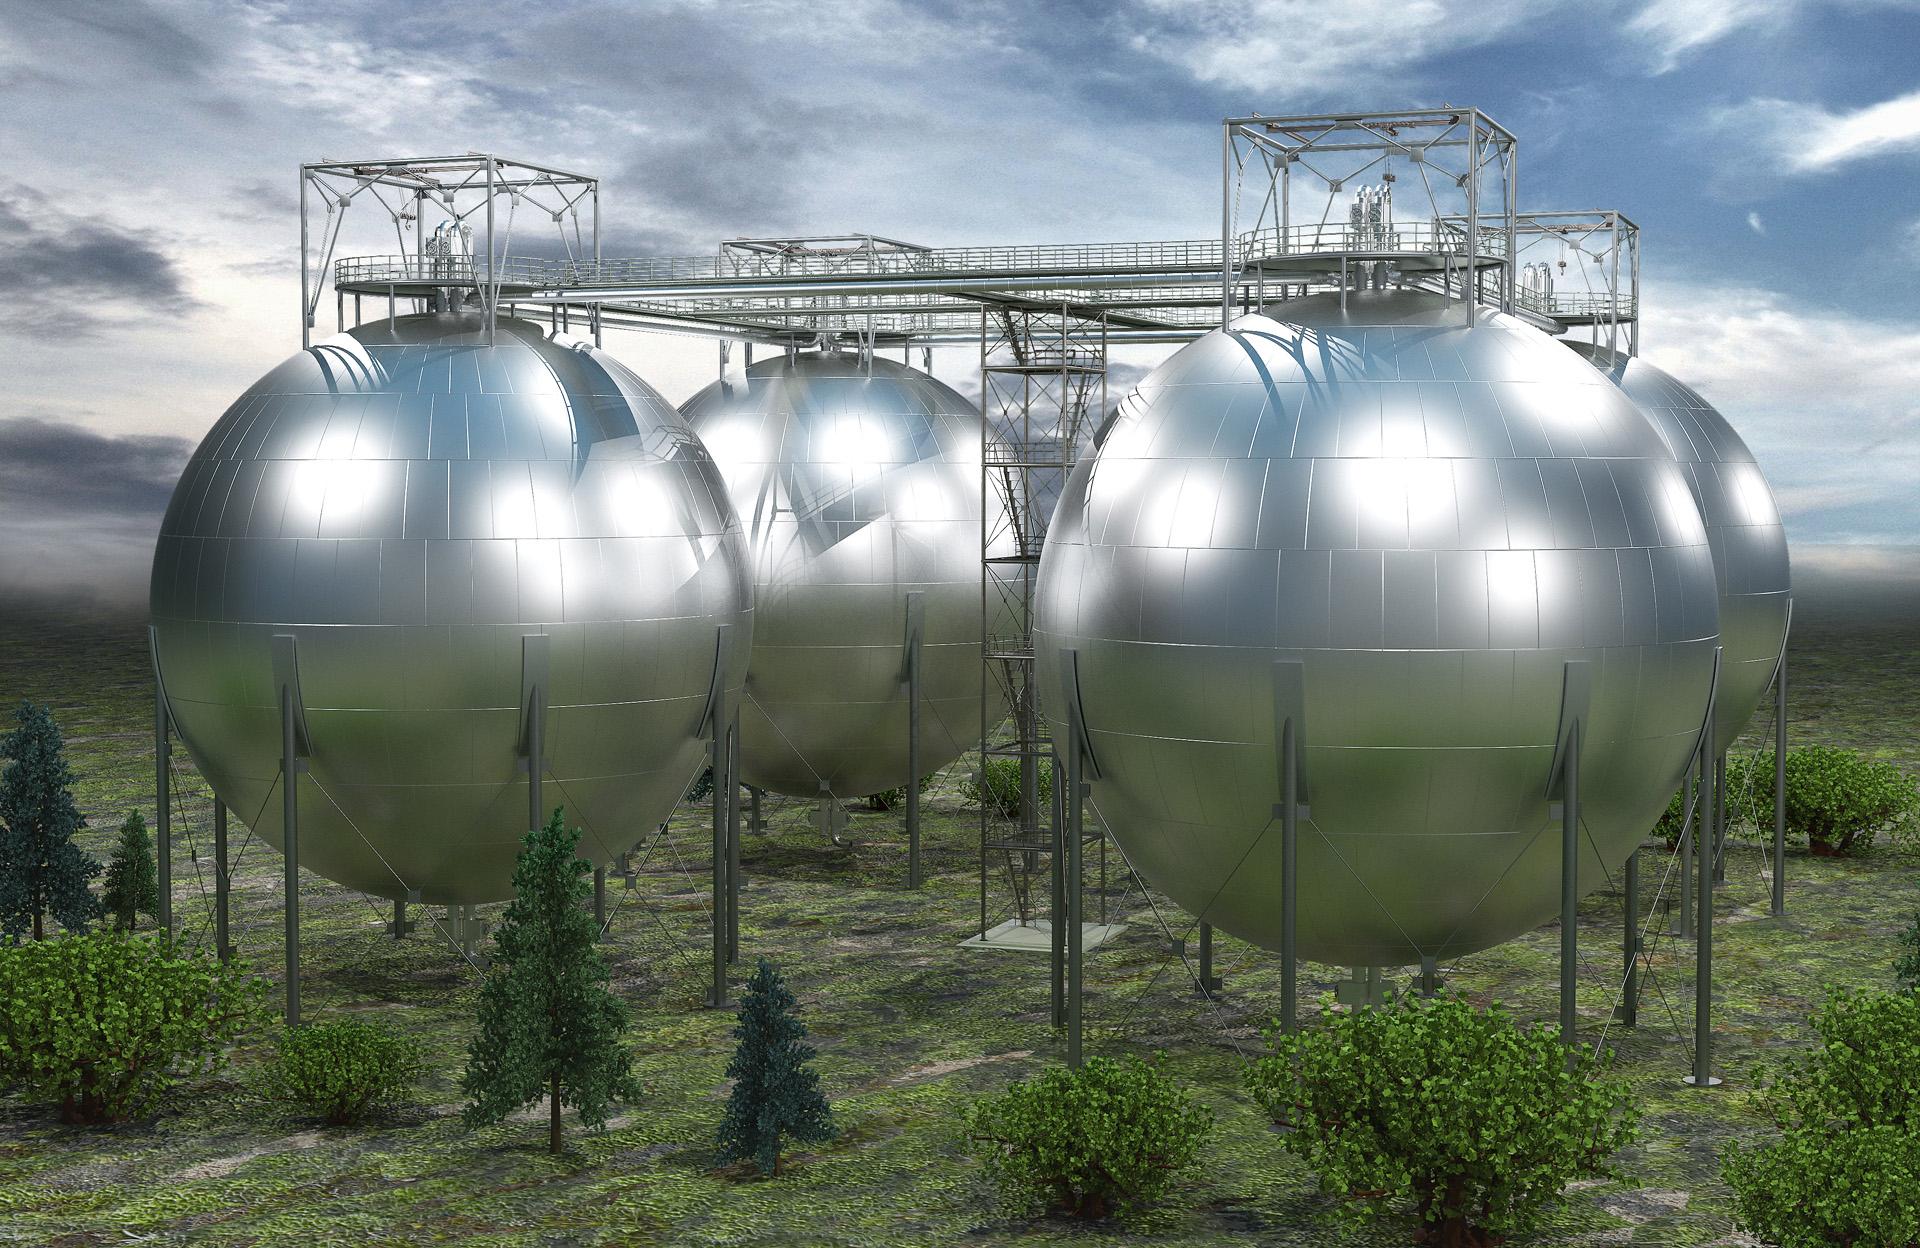 Завод по хранению нефте-газопродуктов_БСК_02